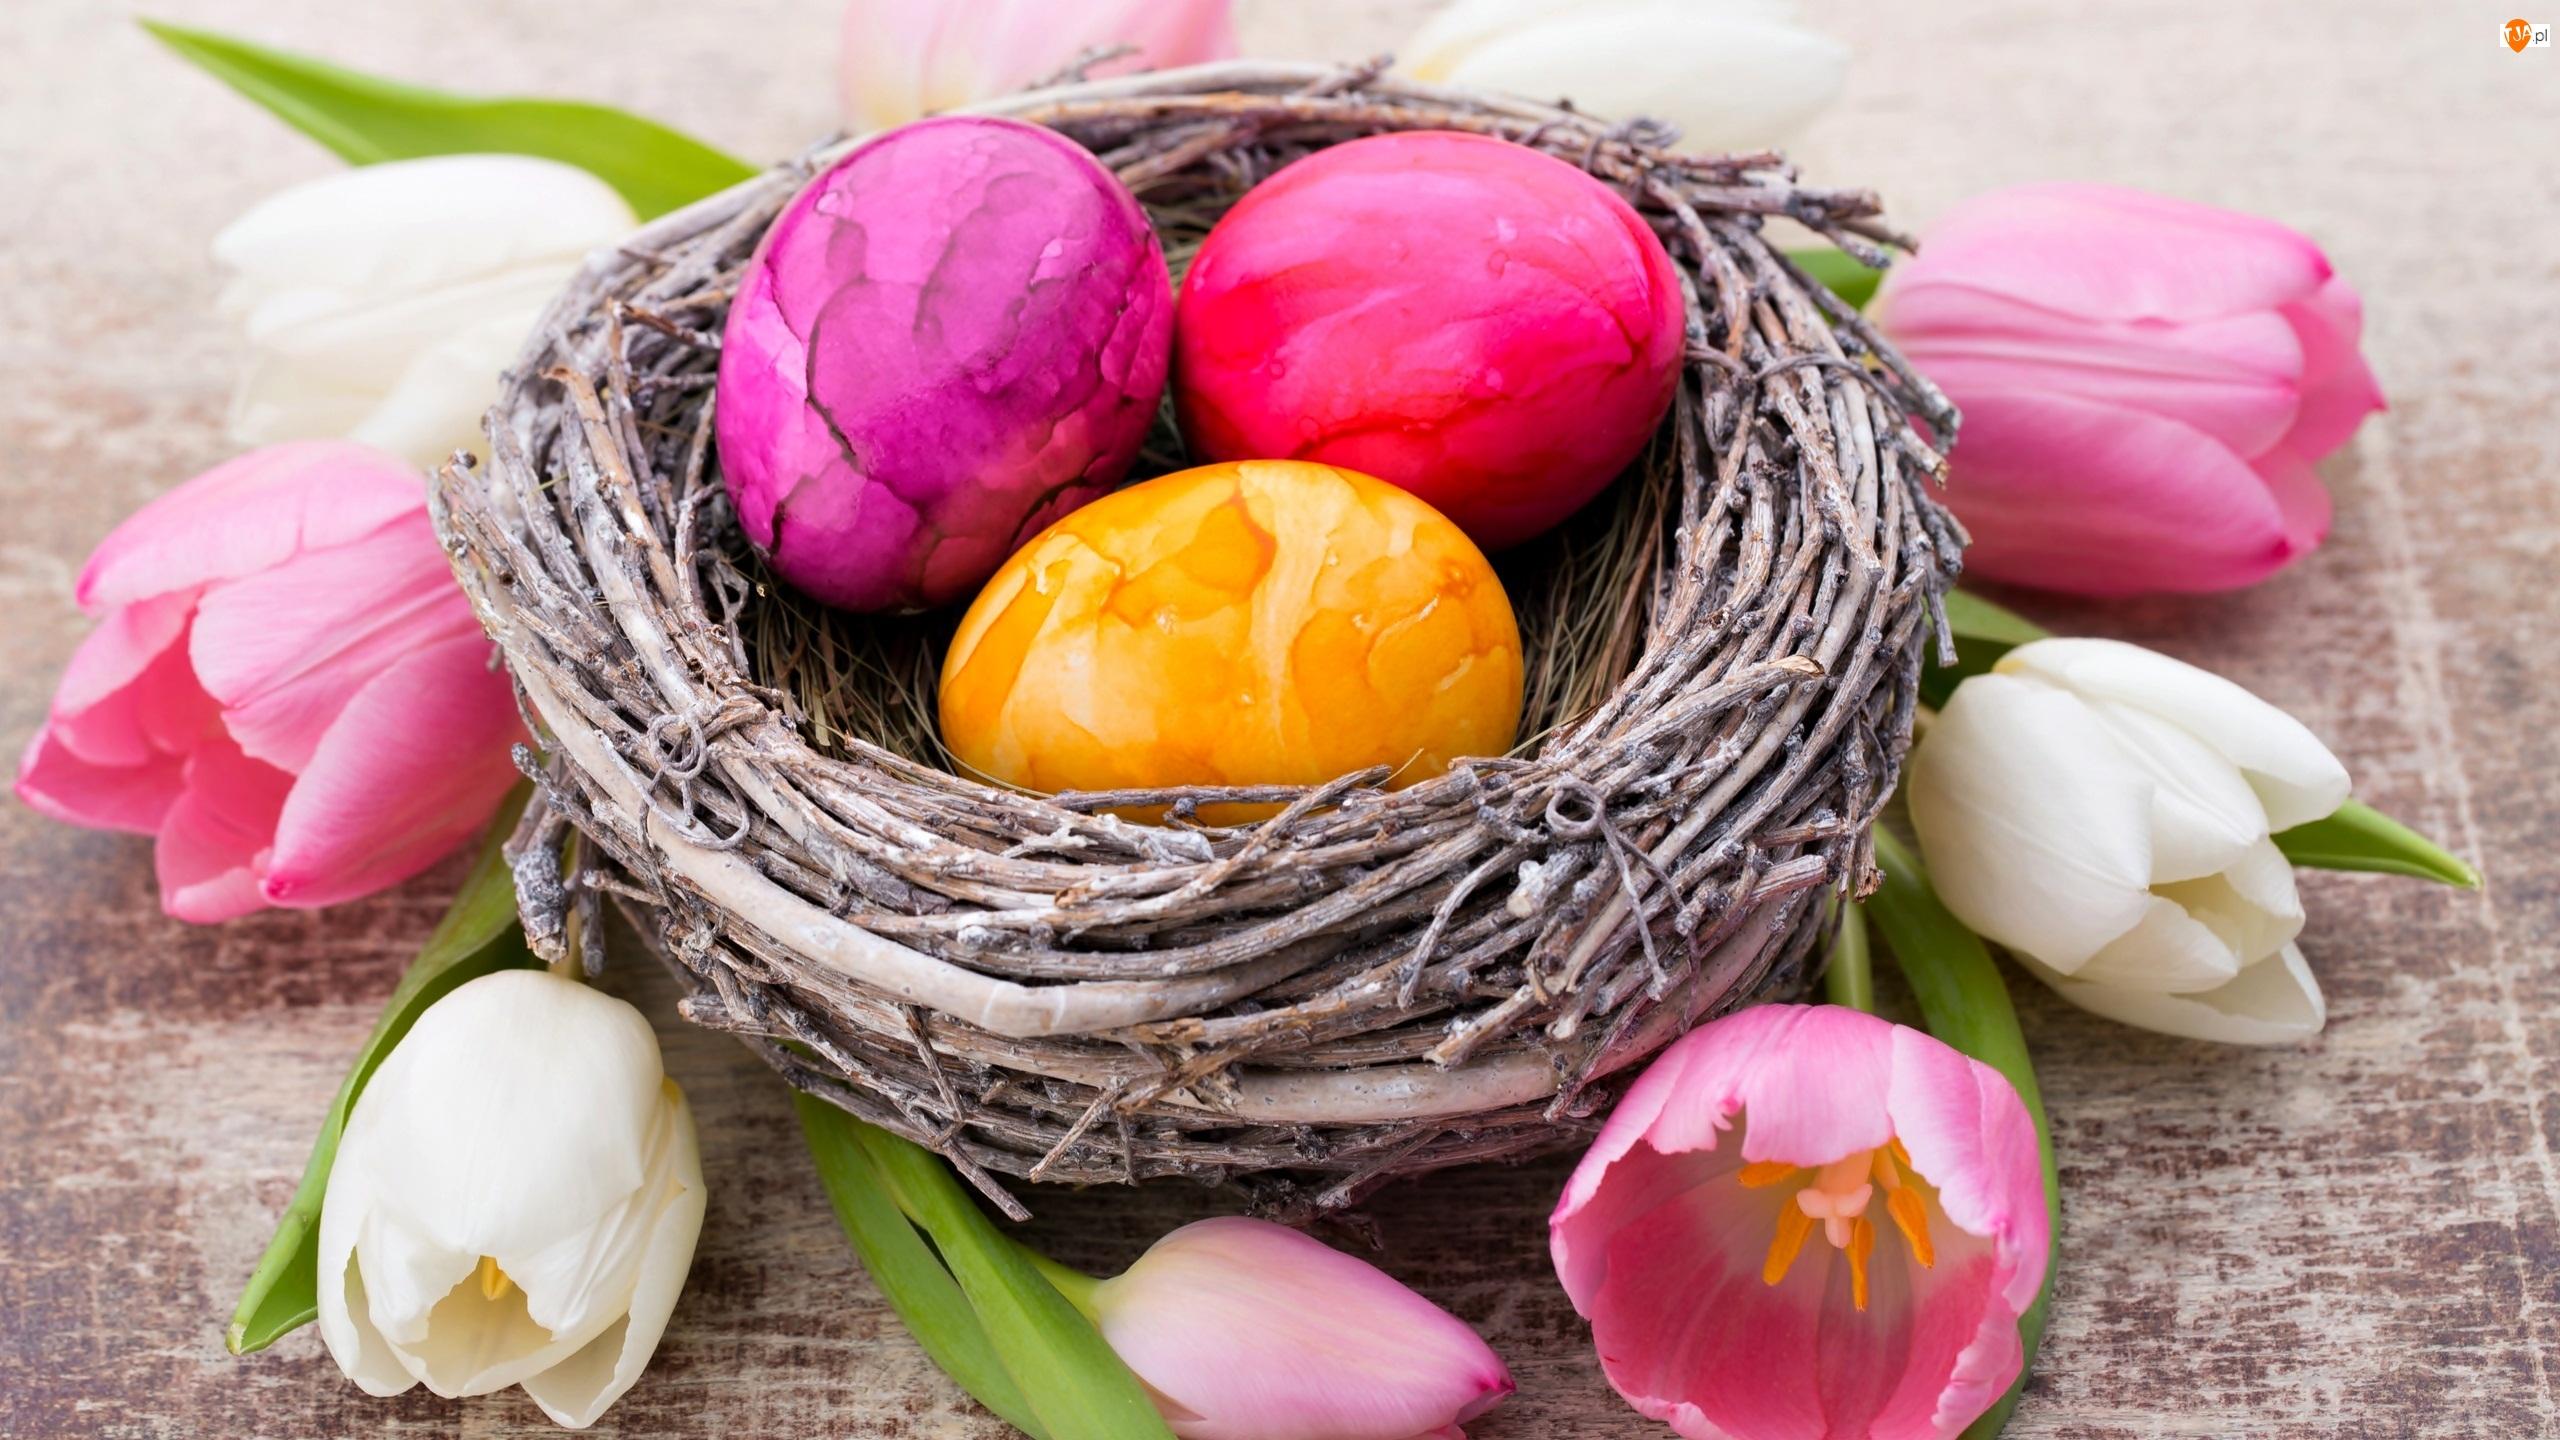 Gniazdko, Pisanki, Wielkanoc, Tulipany, Dekoracja, Kolorowe